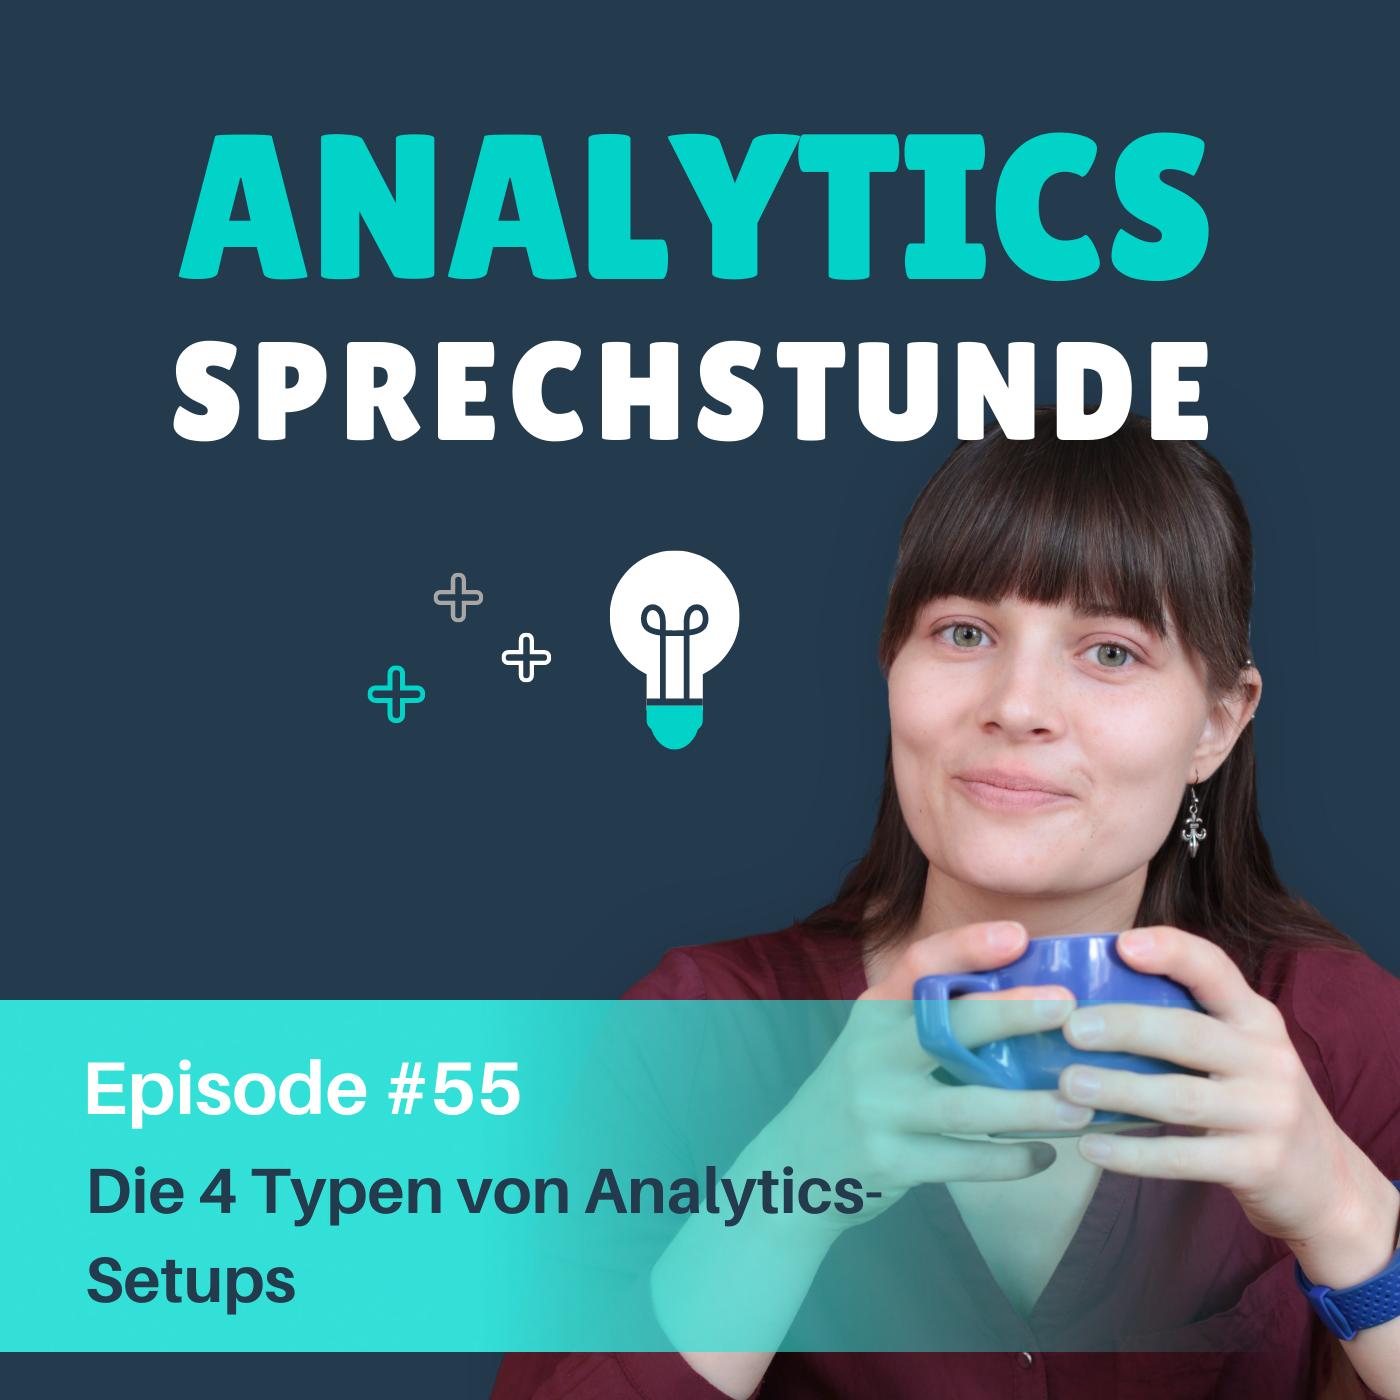 55 Die 4 Typen von Analytics-Setups